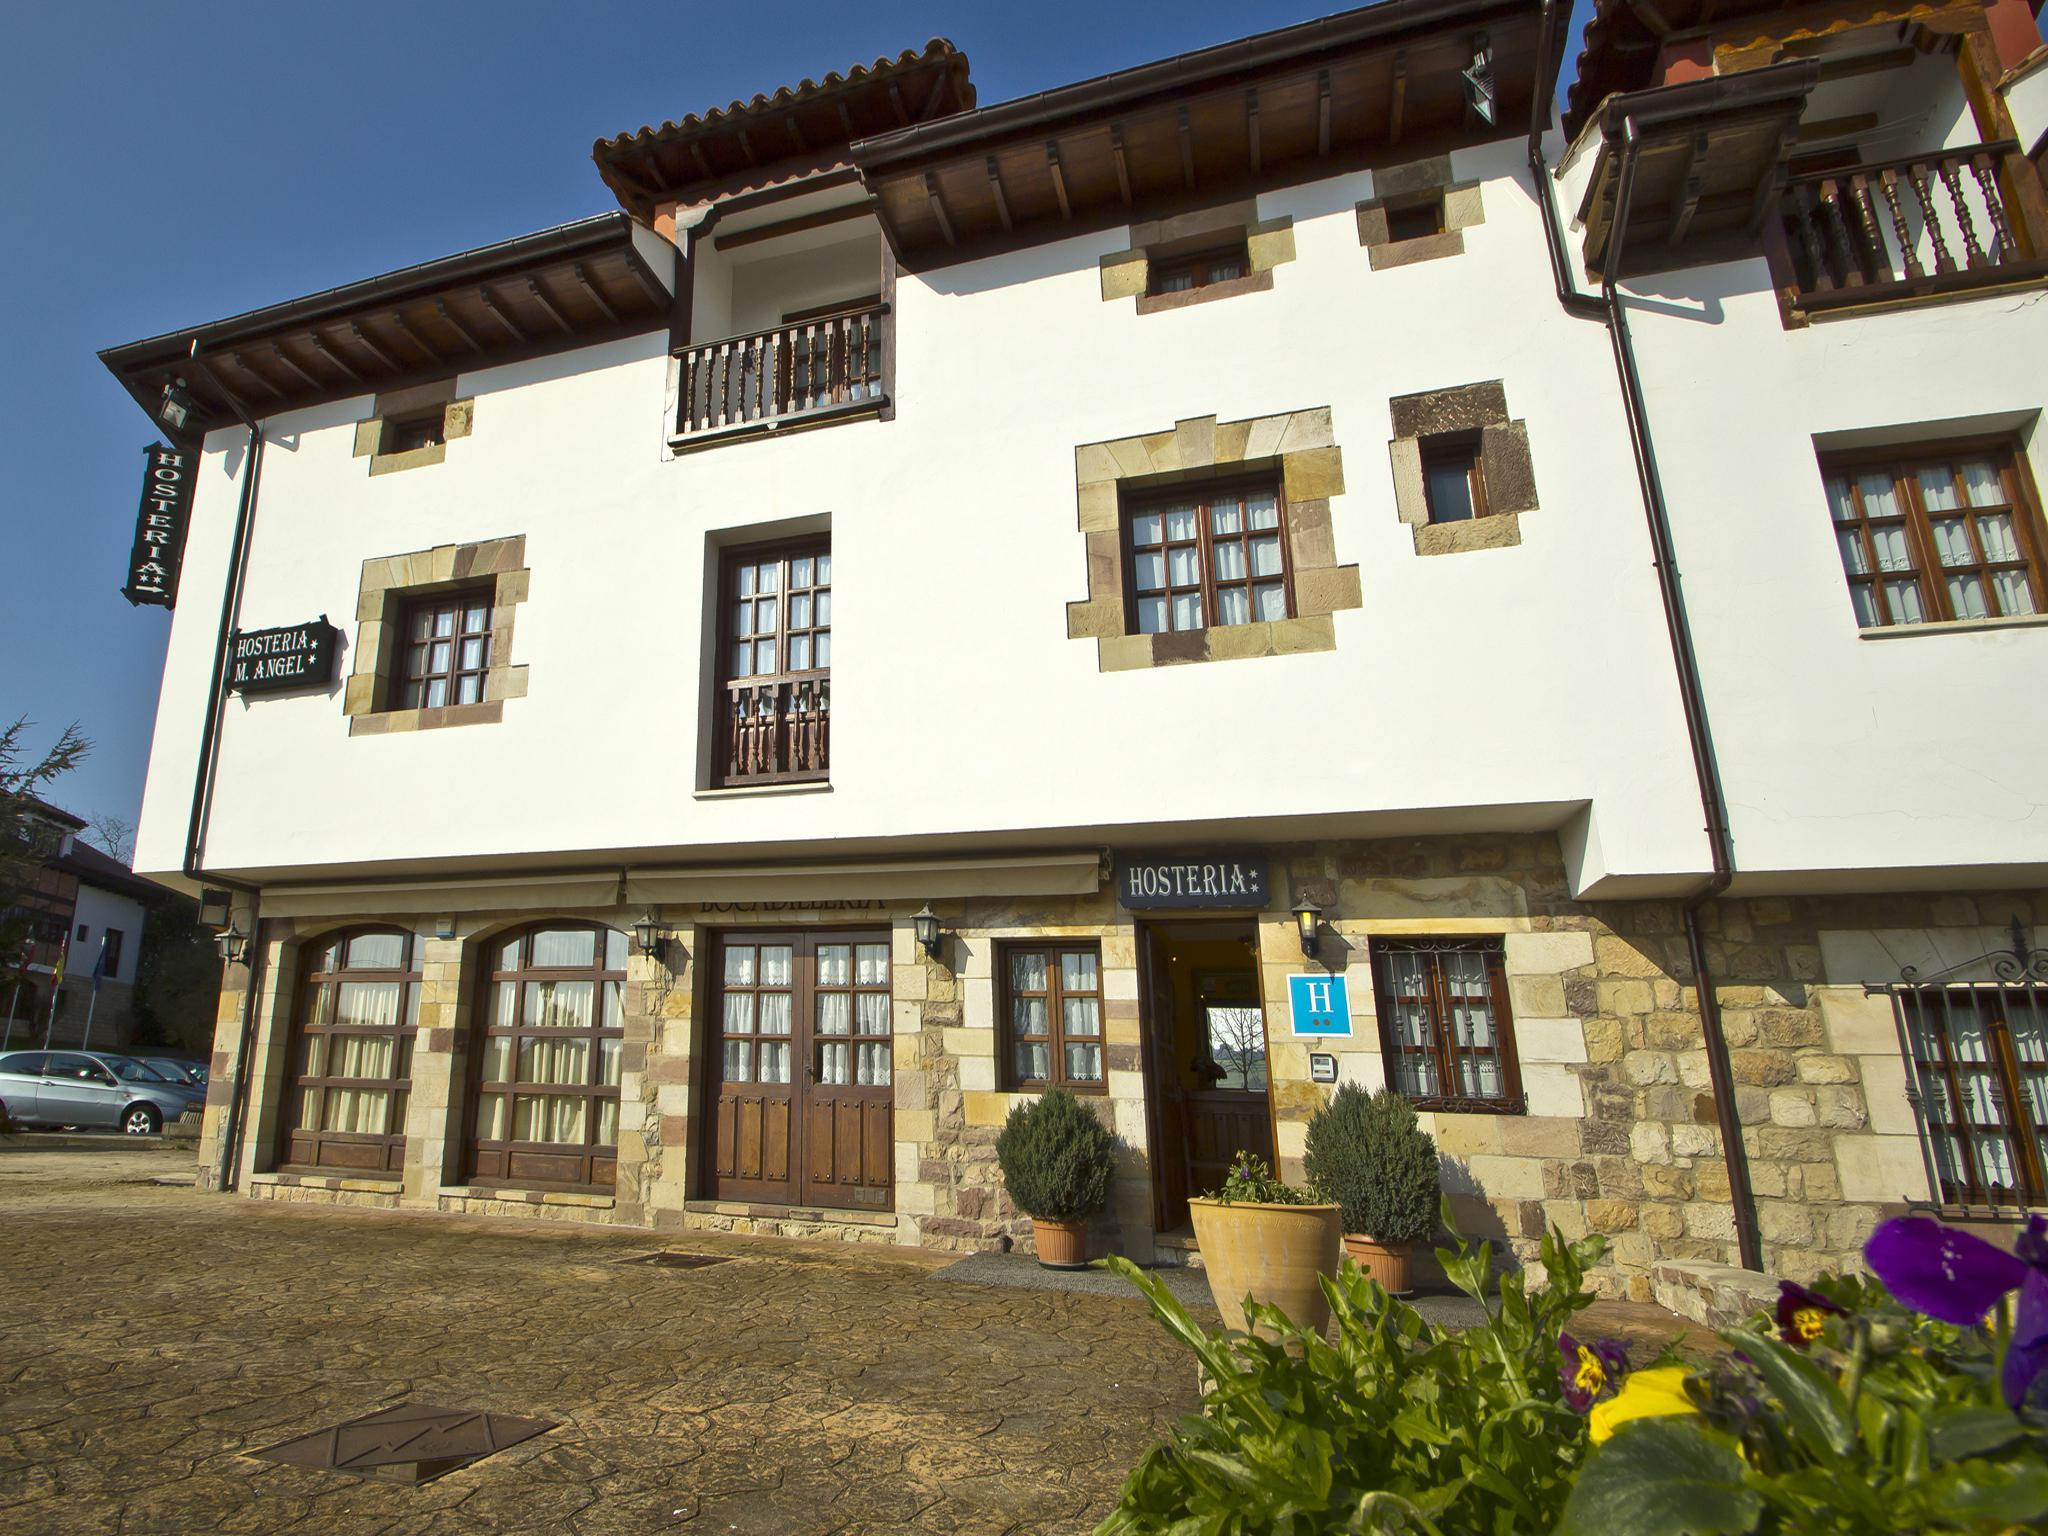 Fotos de hoster a miguel ngel cantabria santillana - Miguel angel casas ...